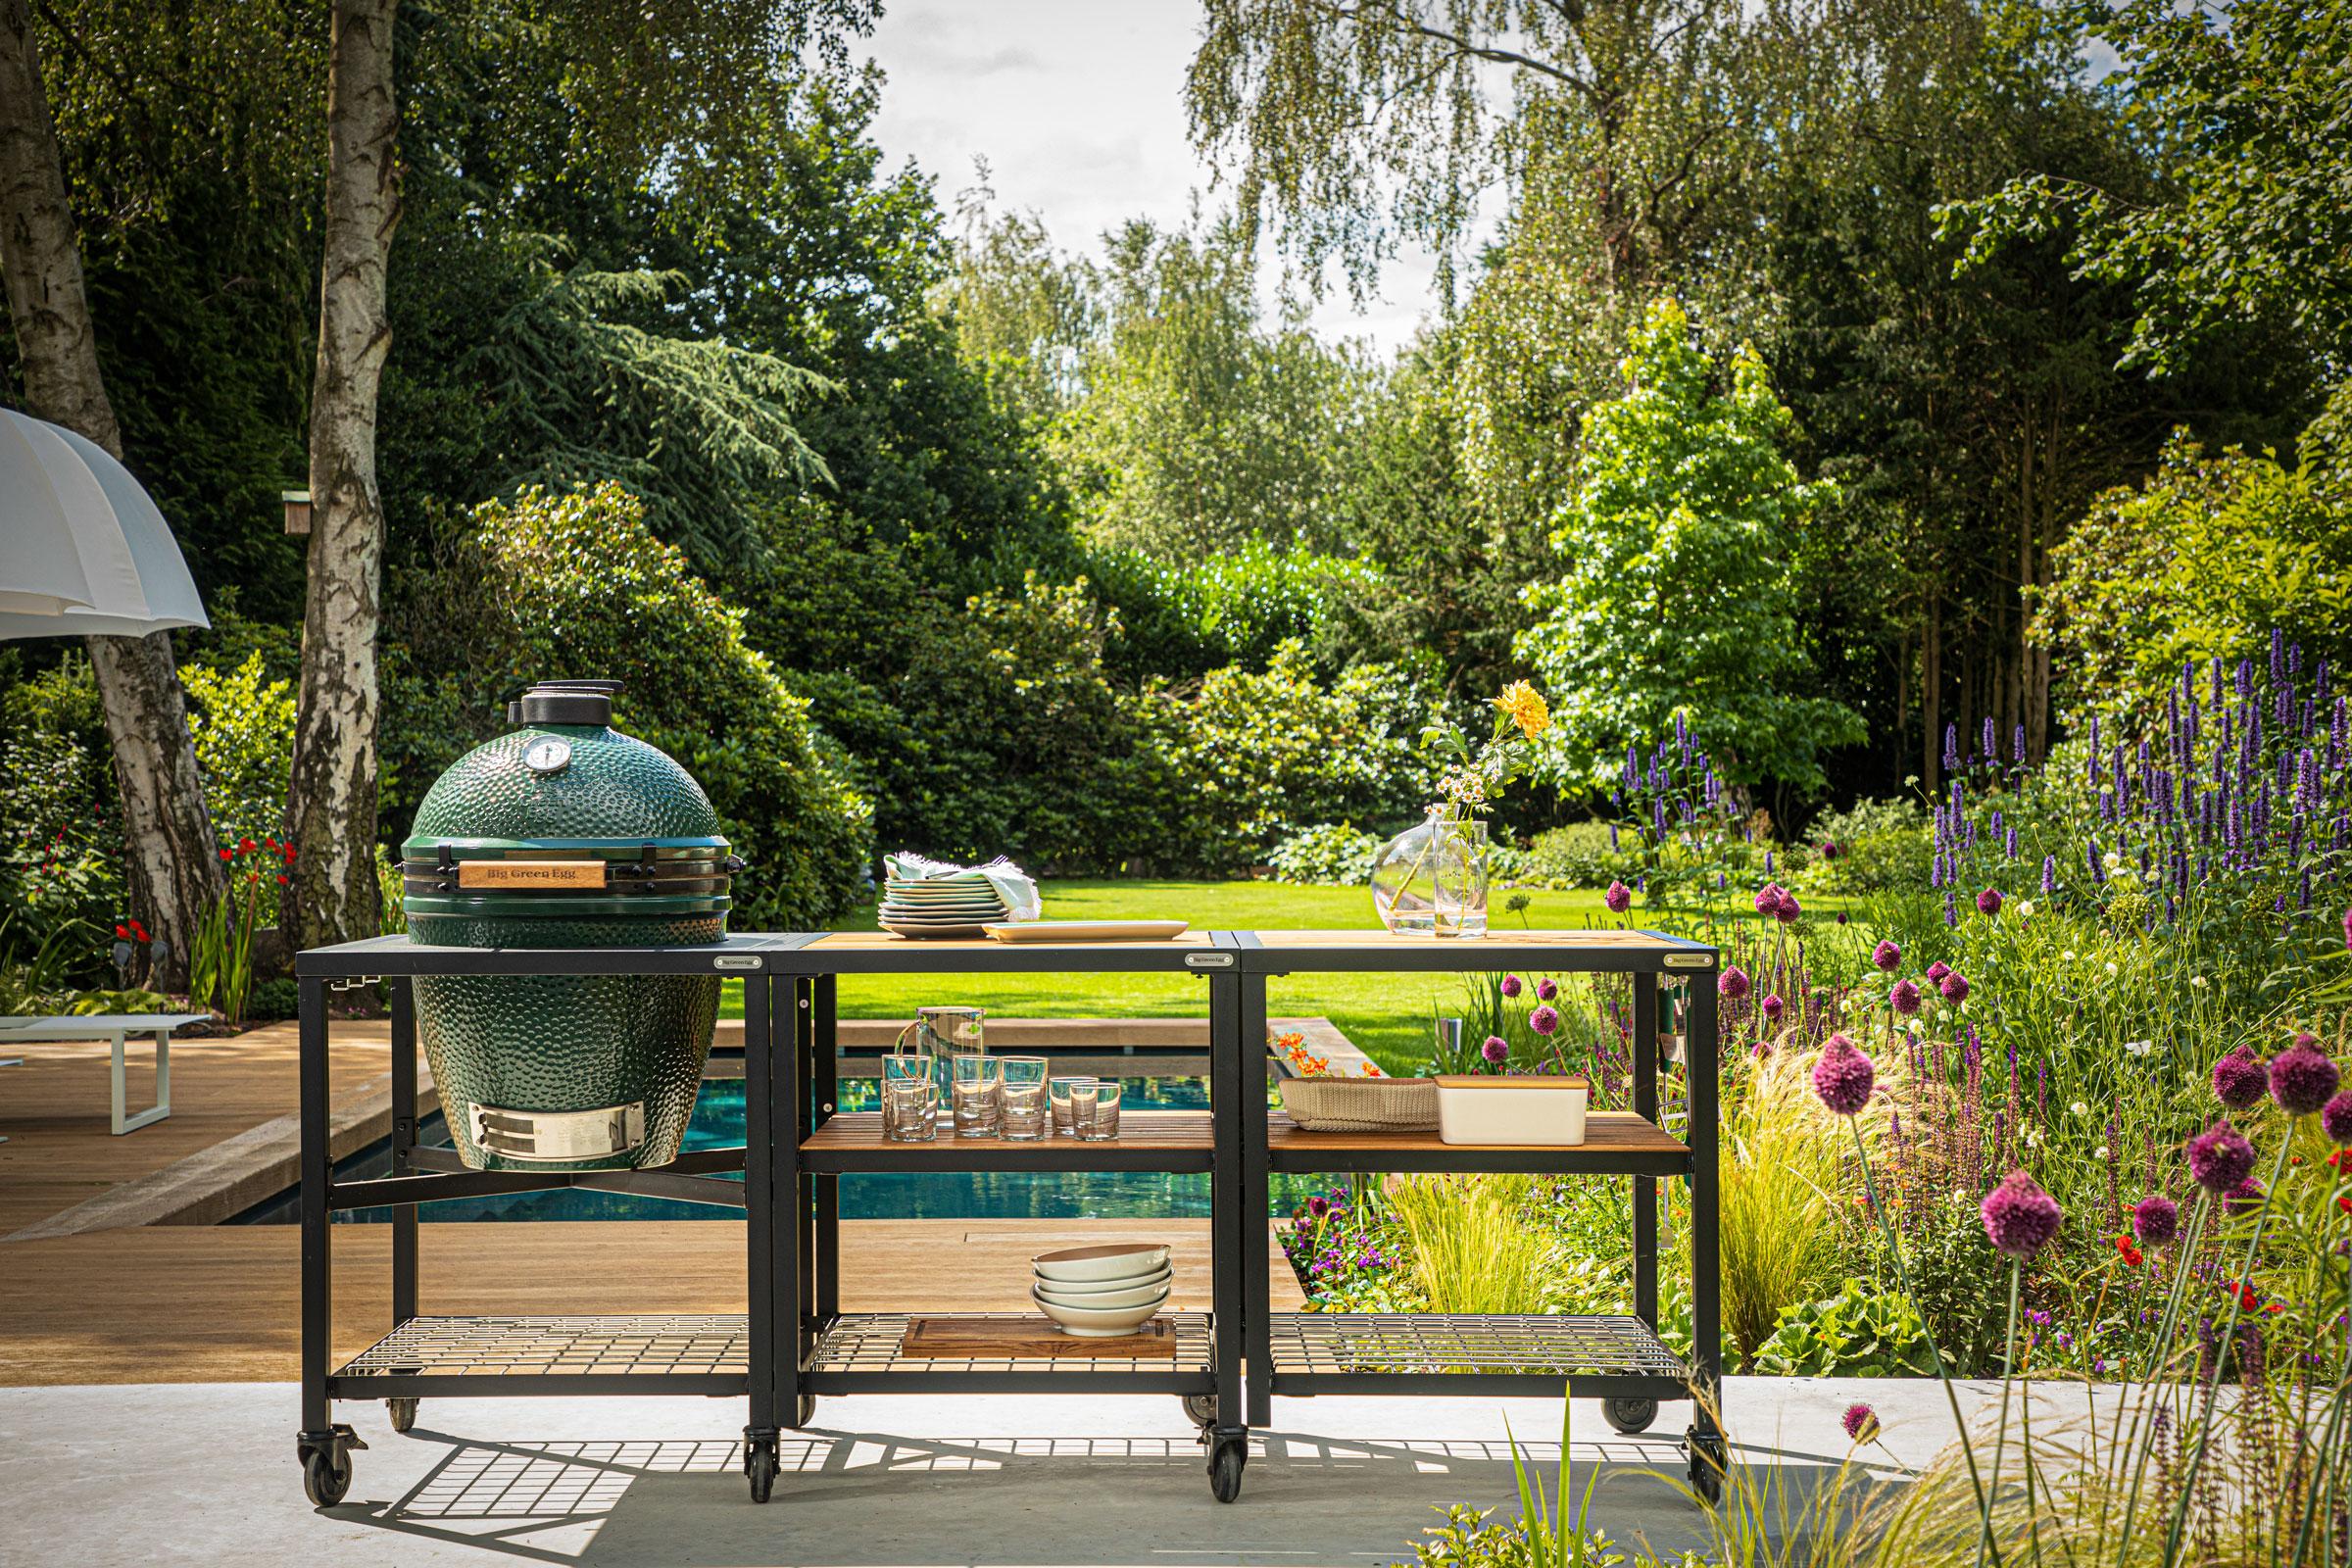 hauser-design-big-green-egg-built-in-neben-Pool